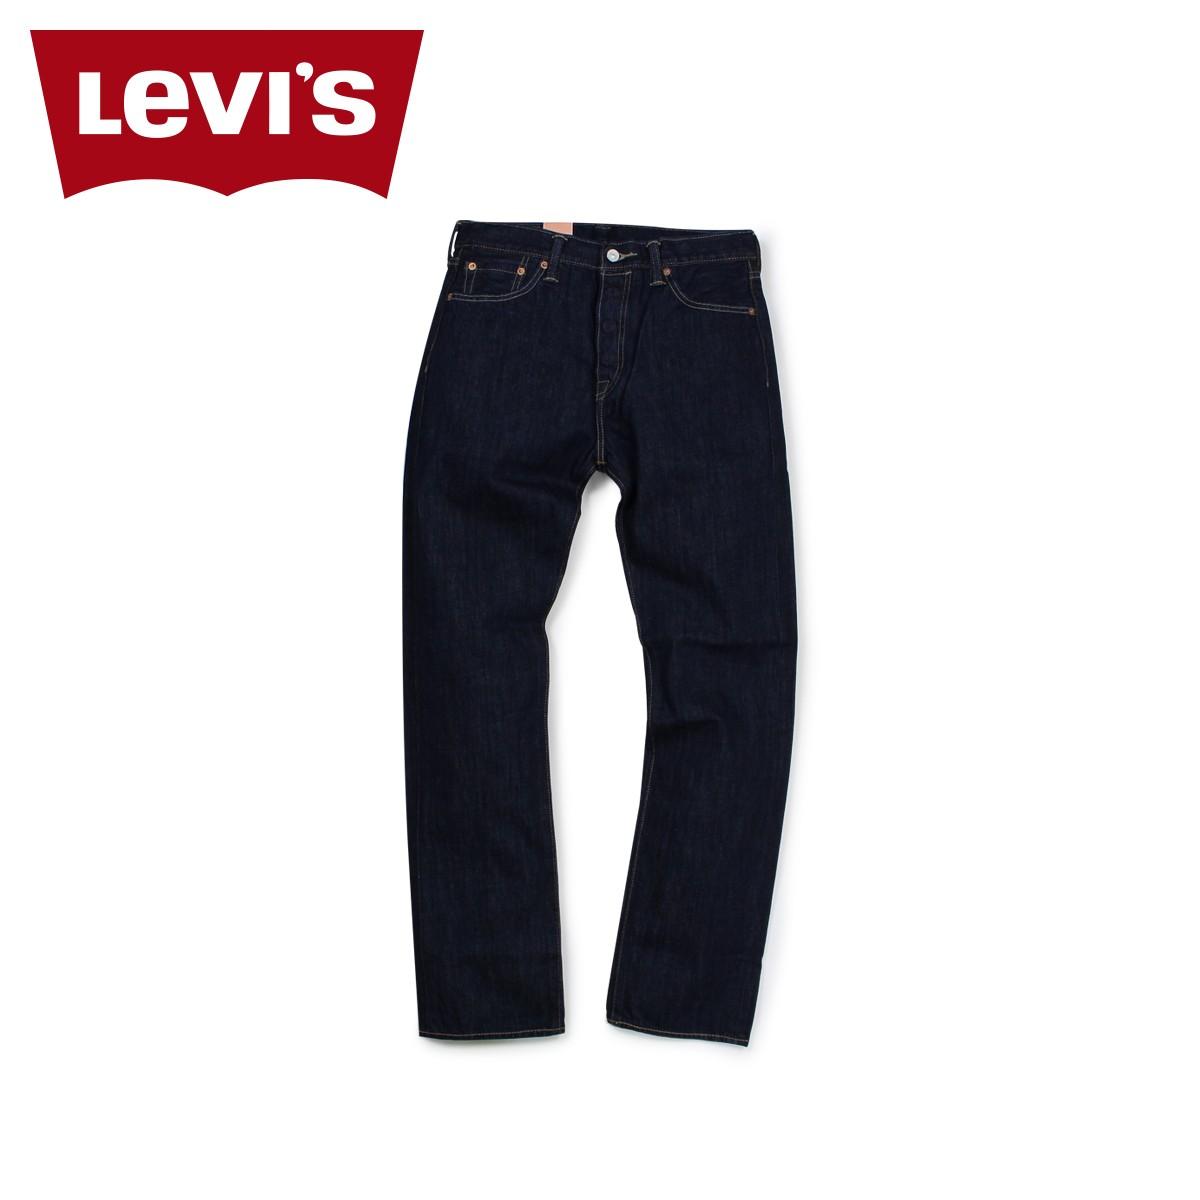 リーバイス 501 LEVI'S ストレート メンズ デニム パンツ REGULAR STRAIGHT 00501-1484 [1/10 新入荷]